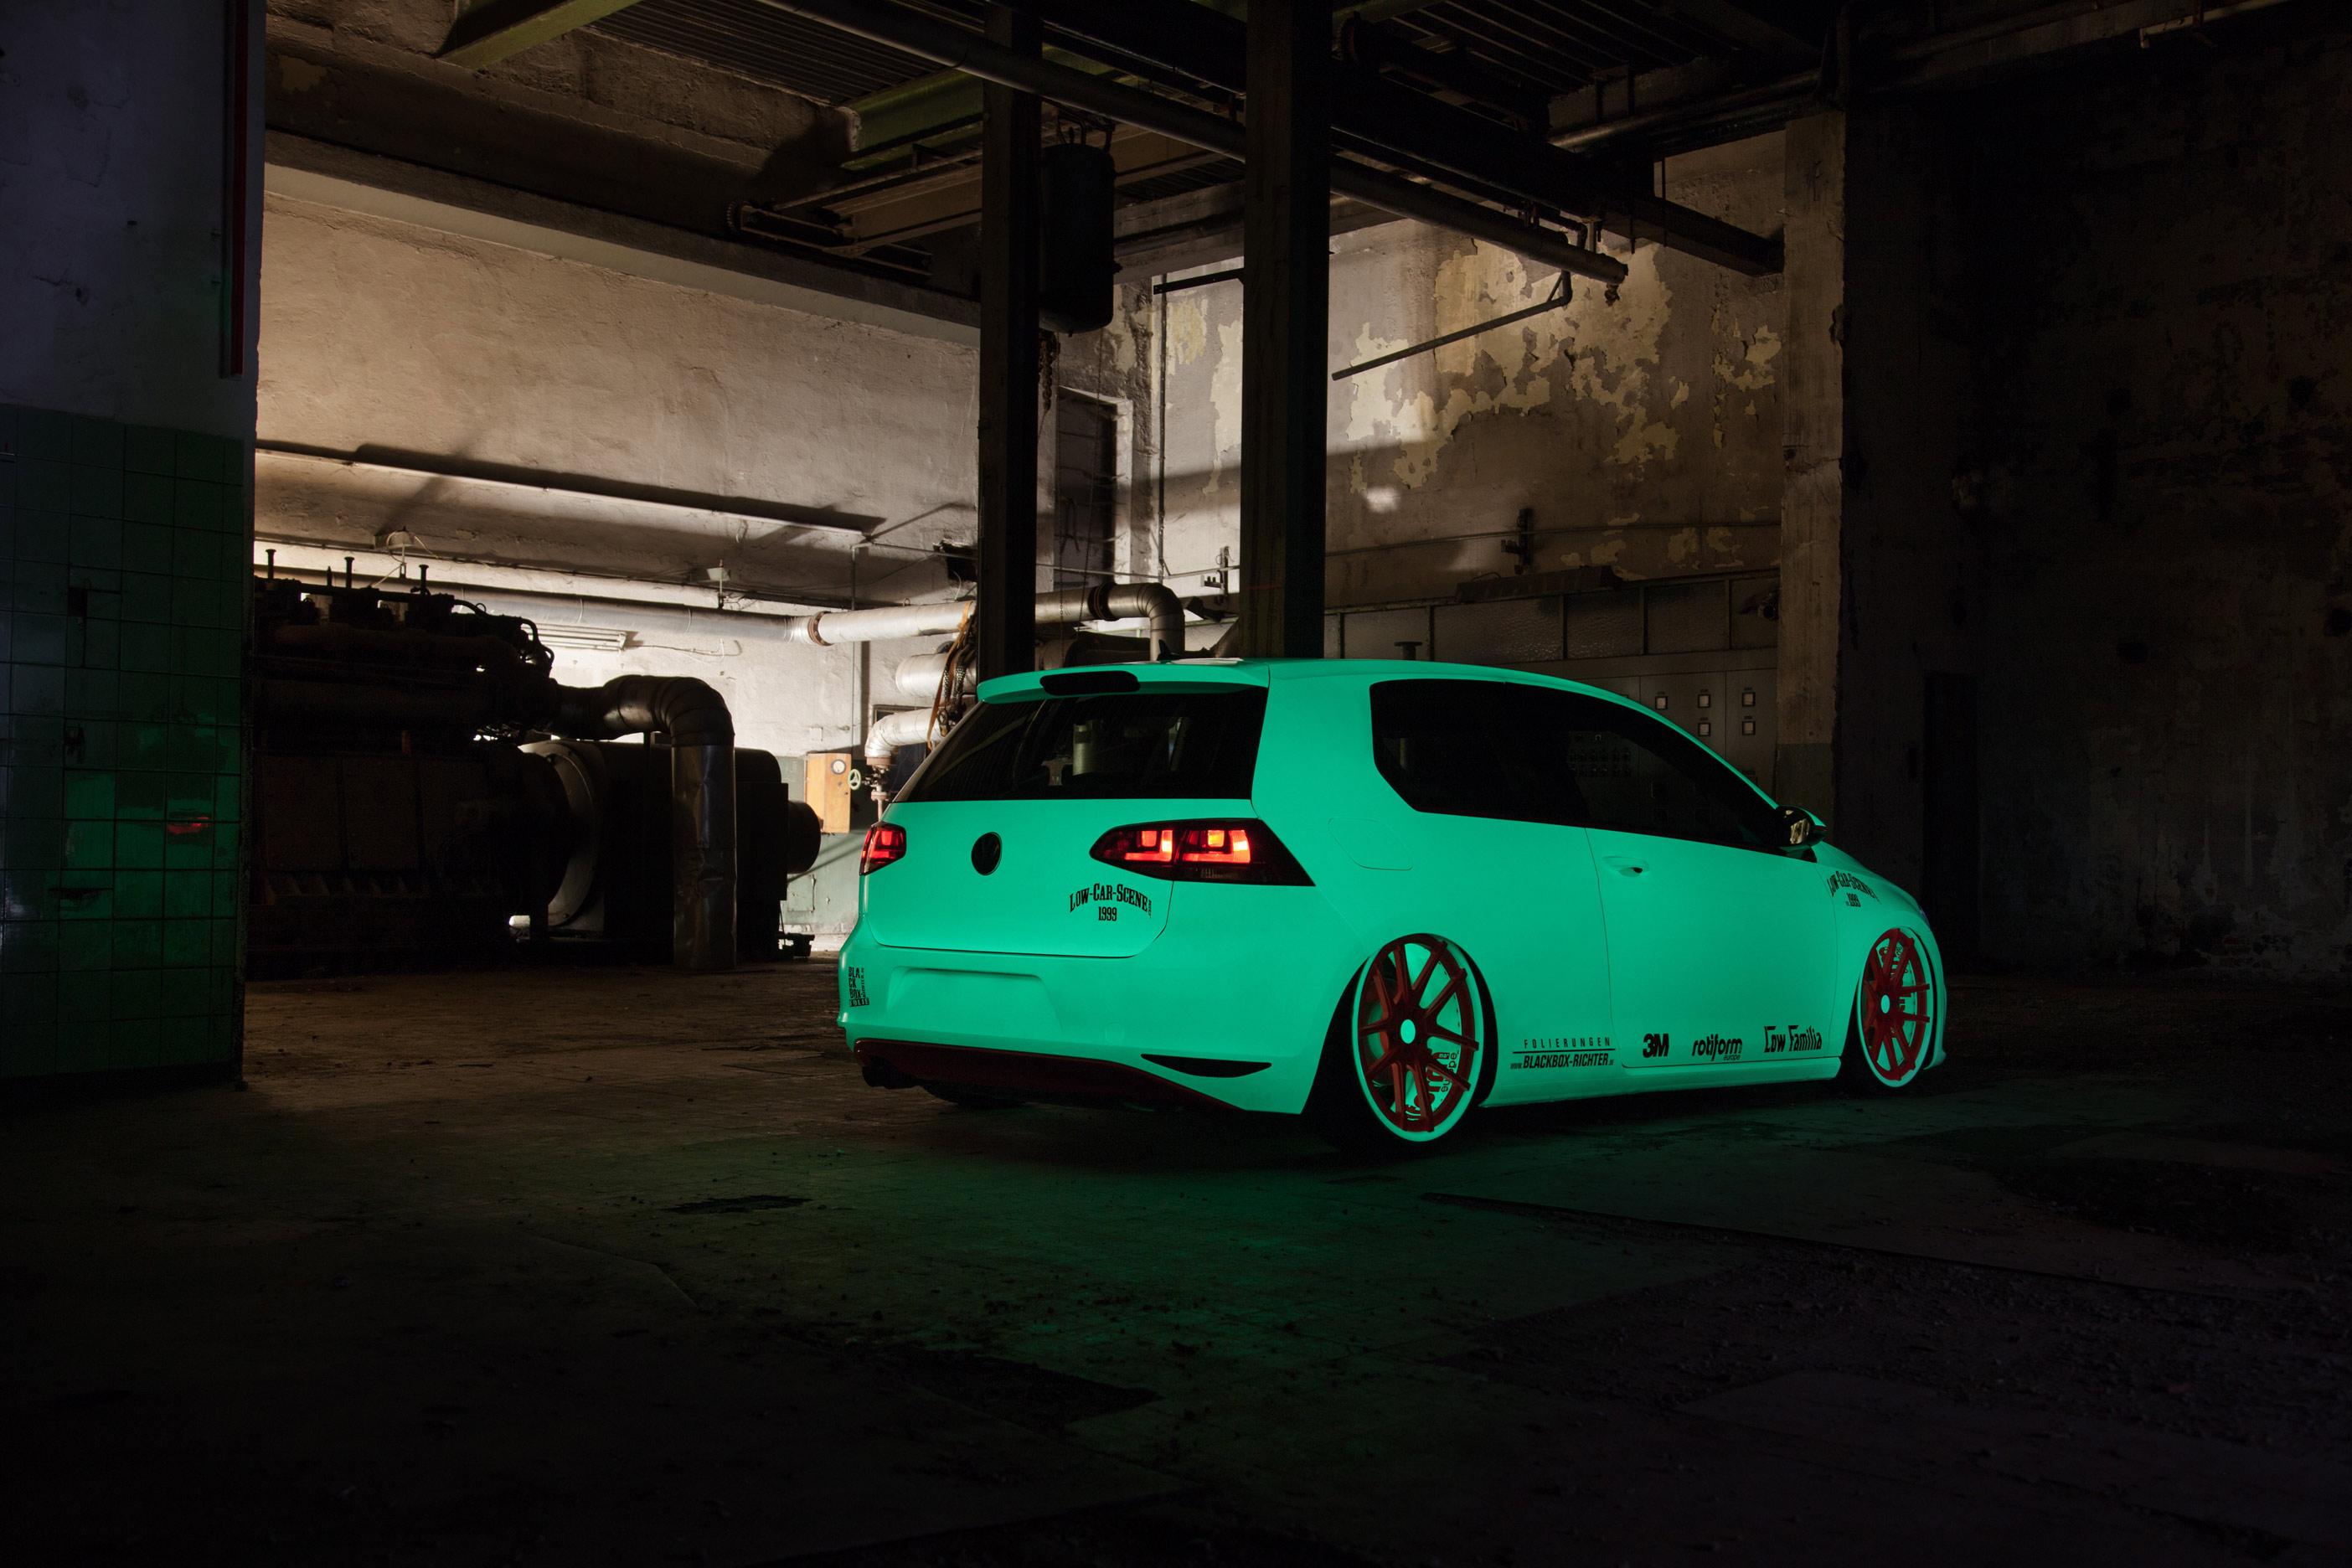 Golf7_Light-Tron-18